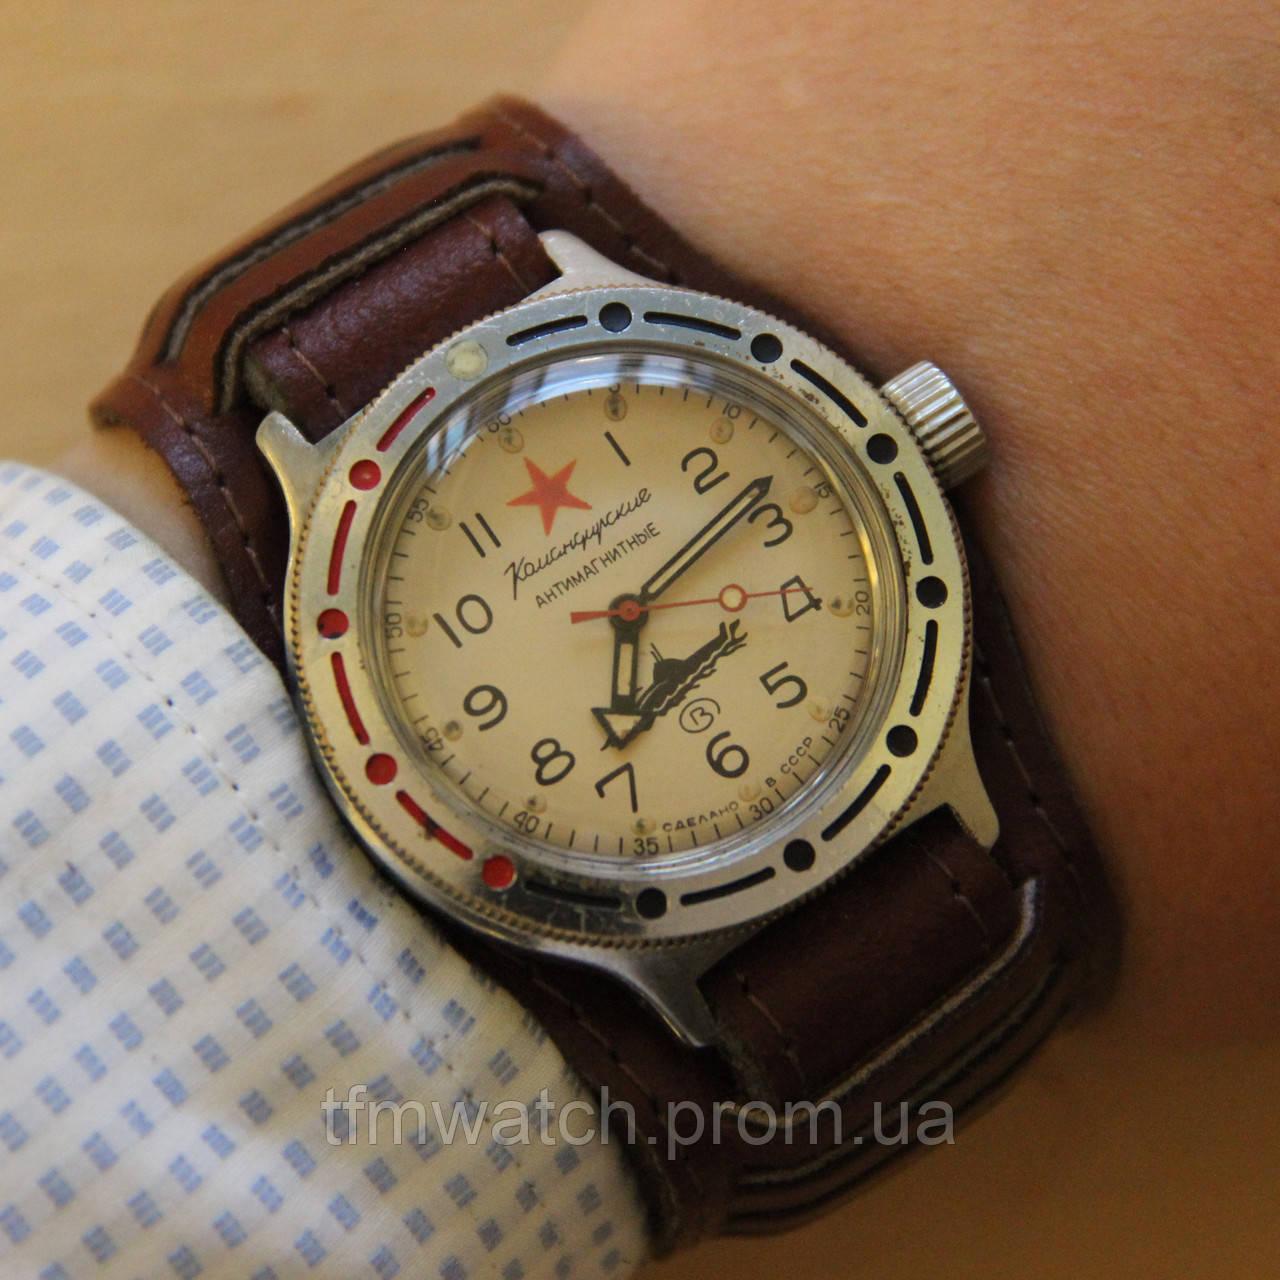 Купить командирские наручные часы ссср купить часы саваж в интернет